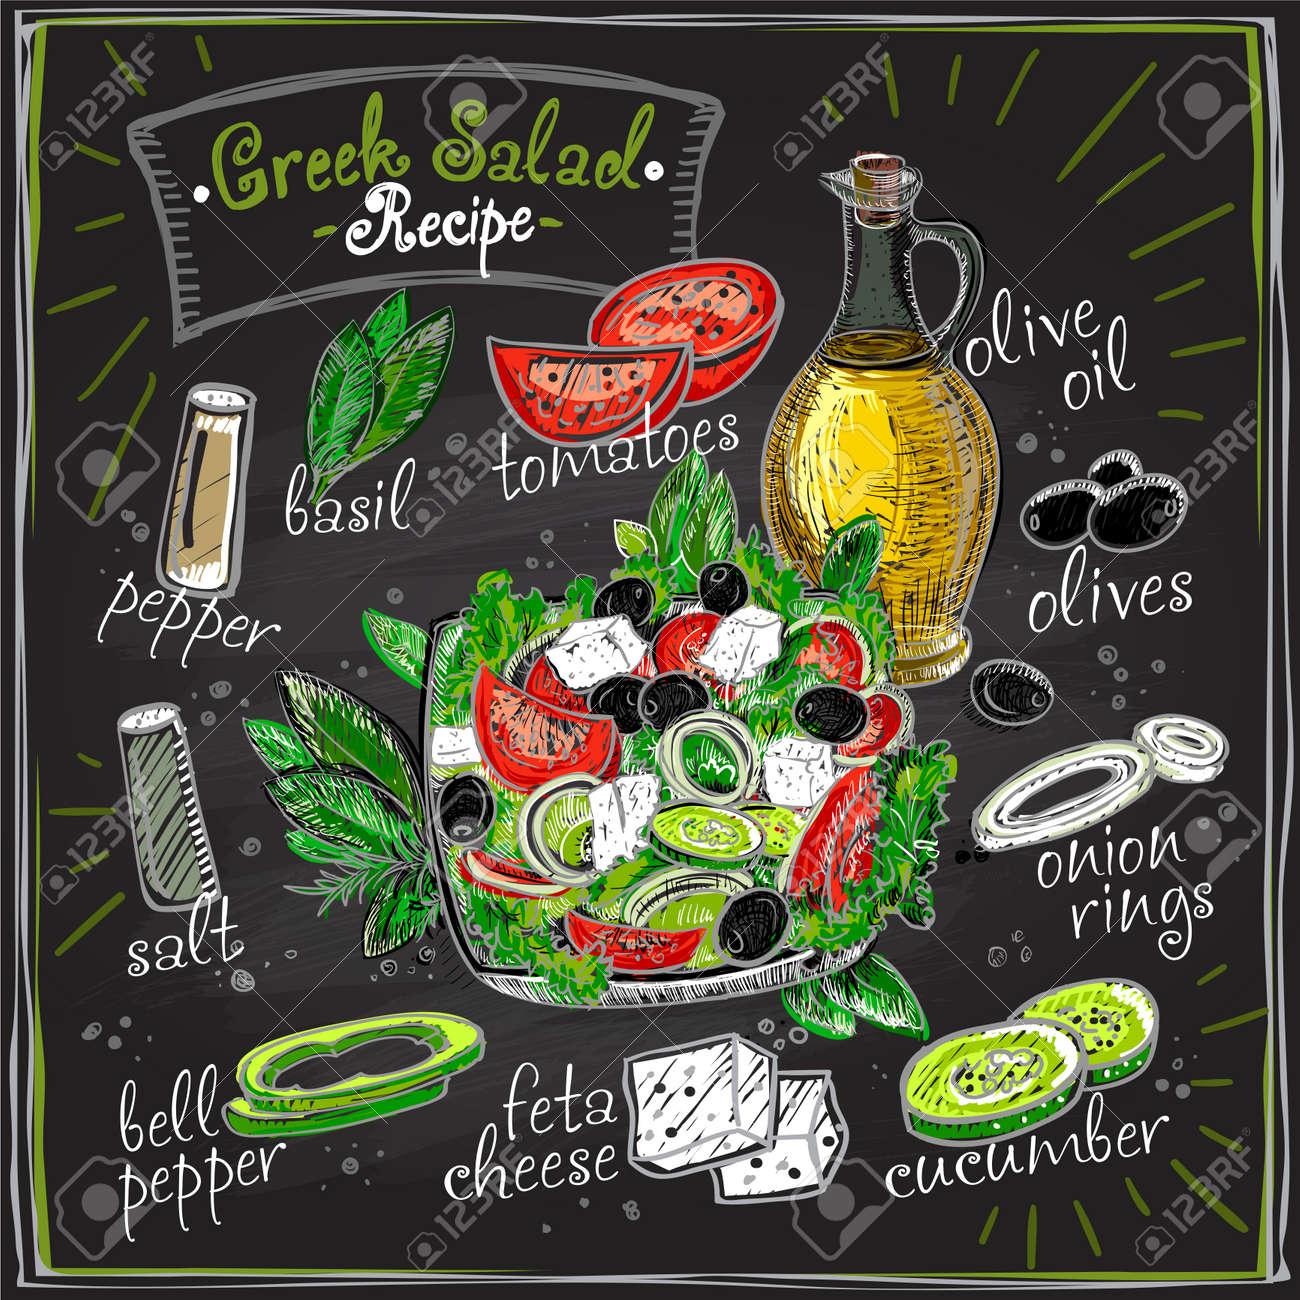 Greek salad recipe chalkboard design, salad menu with ingredients, vegetables set sketch - 123084870